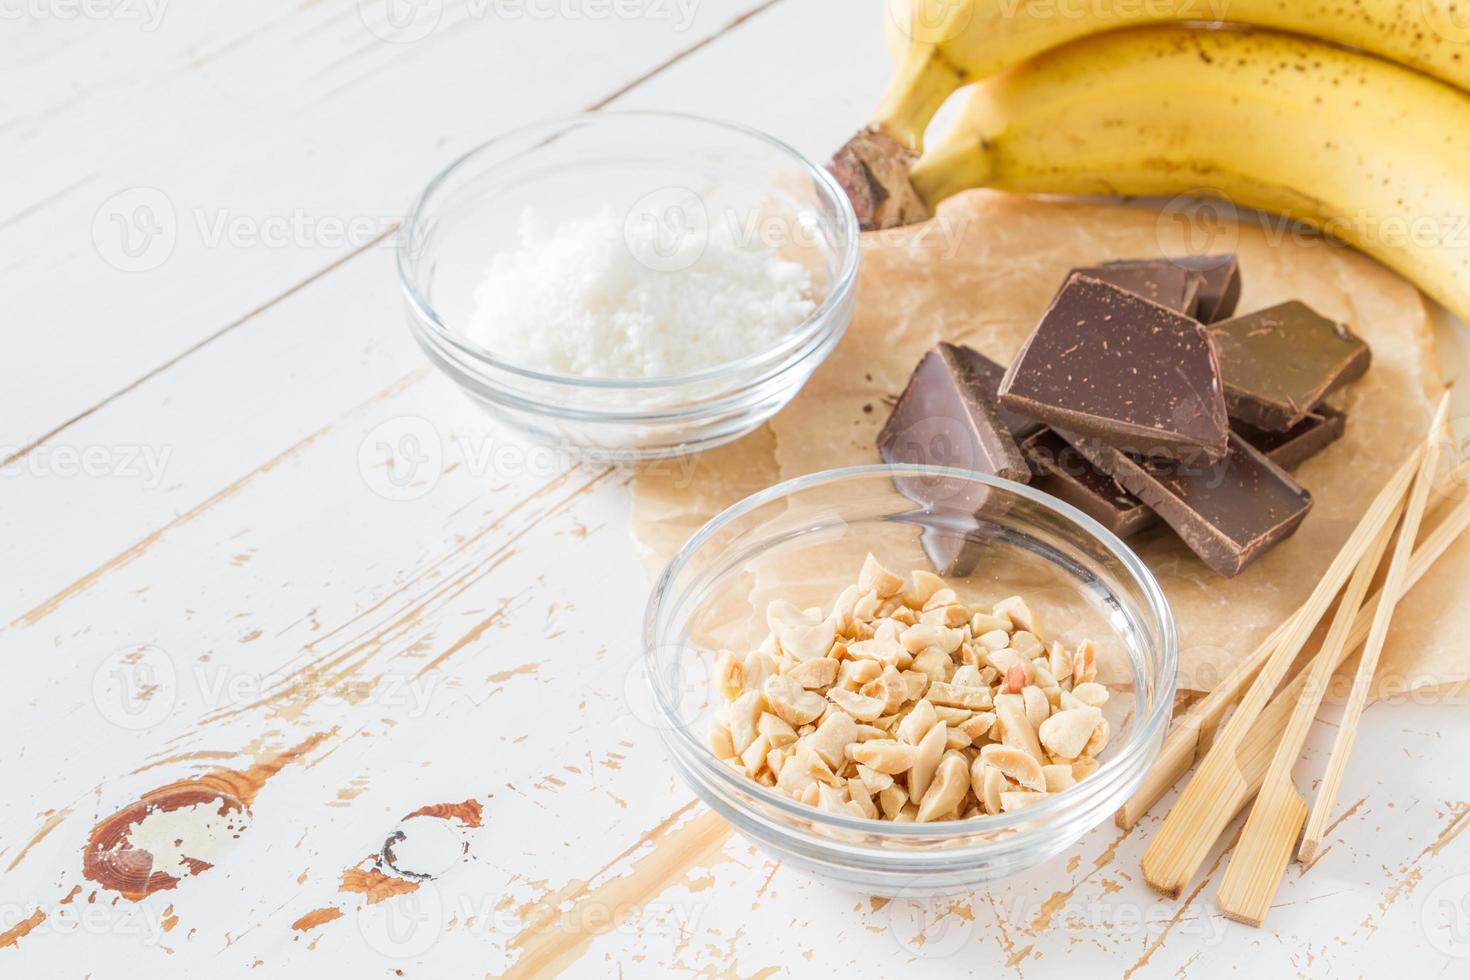 préparation de banane pop - banane, chocolat, noix, poudre de noix de coco, bâtonnets photo